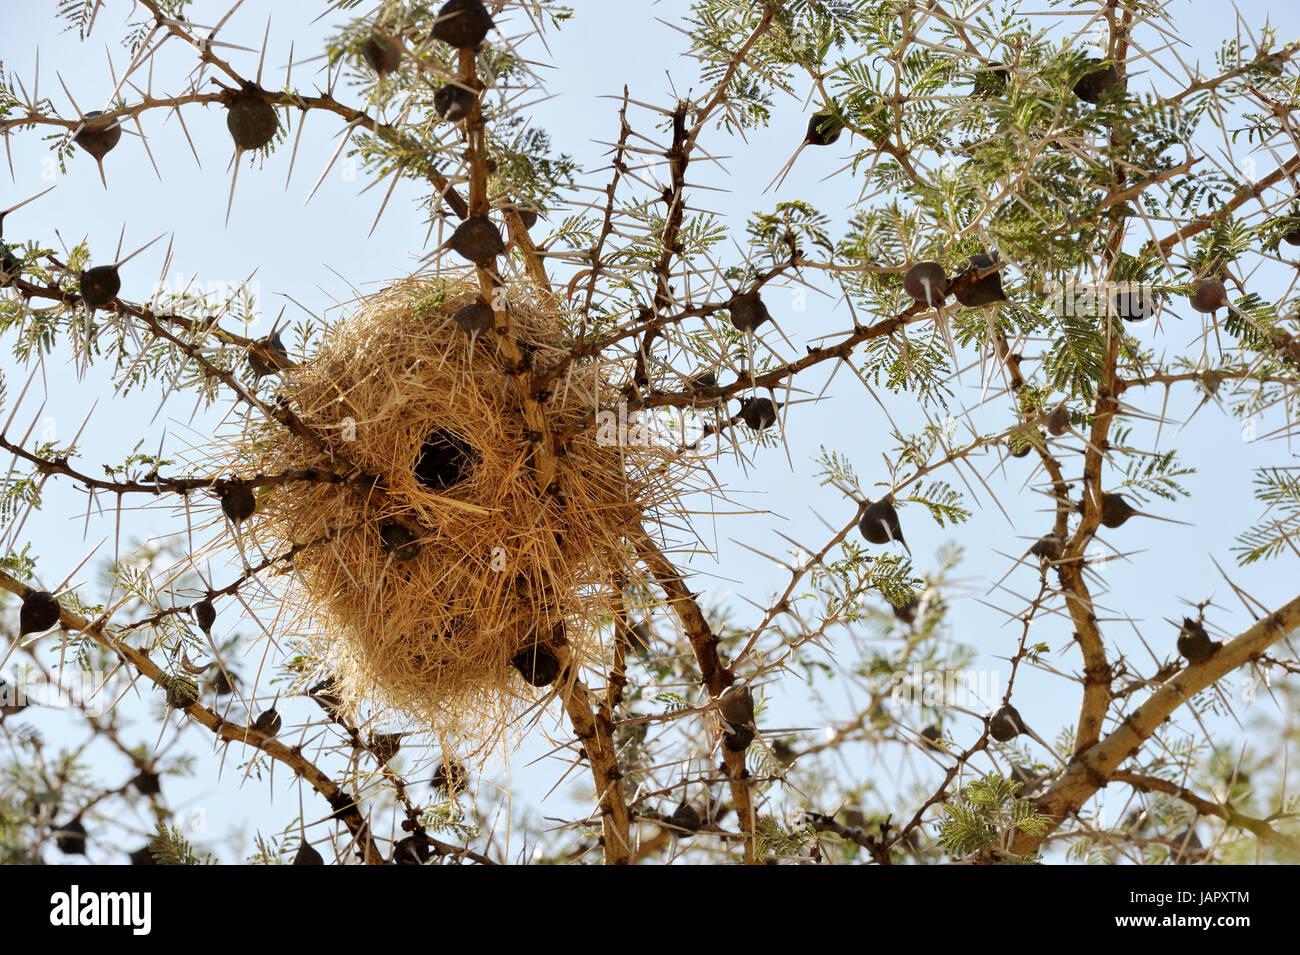 Pfeifender Dorn Akazie (Acacia Drepanolobium) hautnah mit Wevers Birdnest, typisch für die westlichen Korridor Stockbild